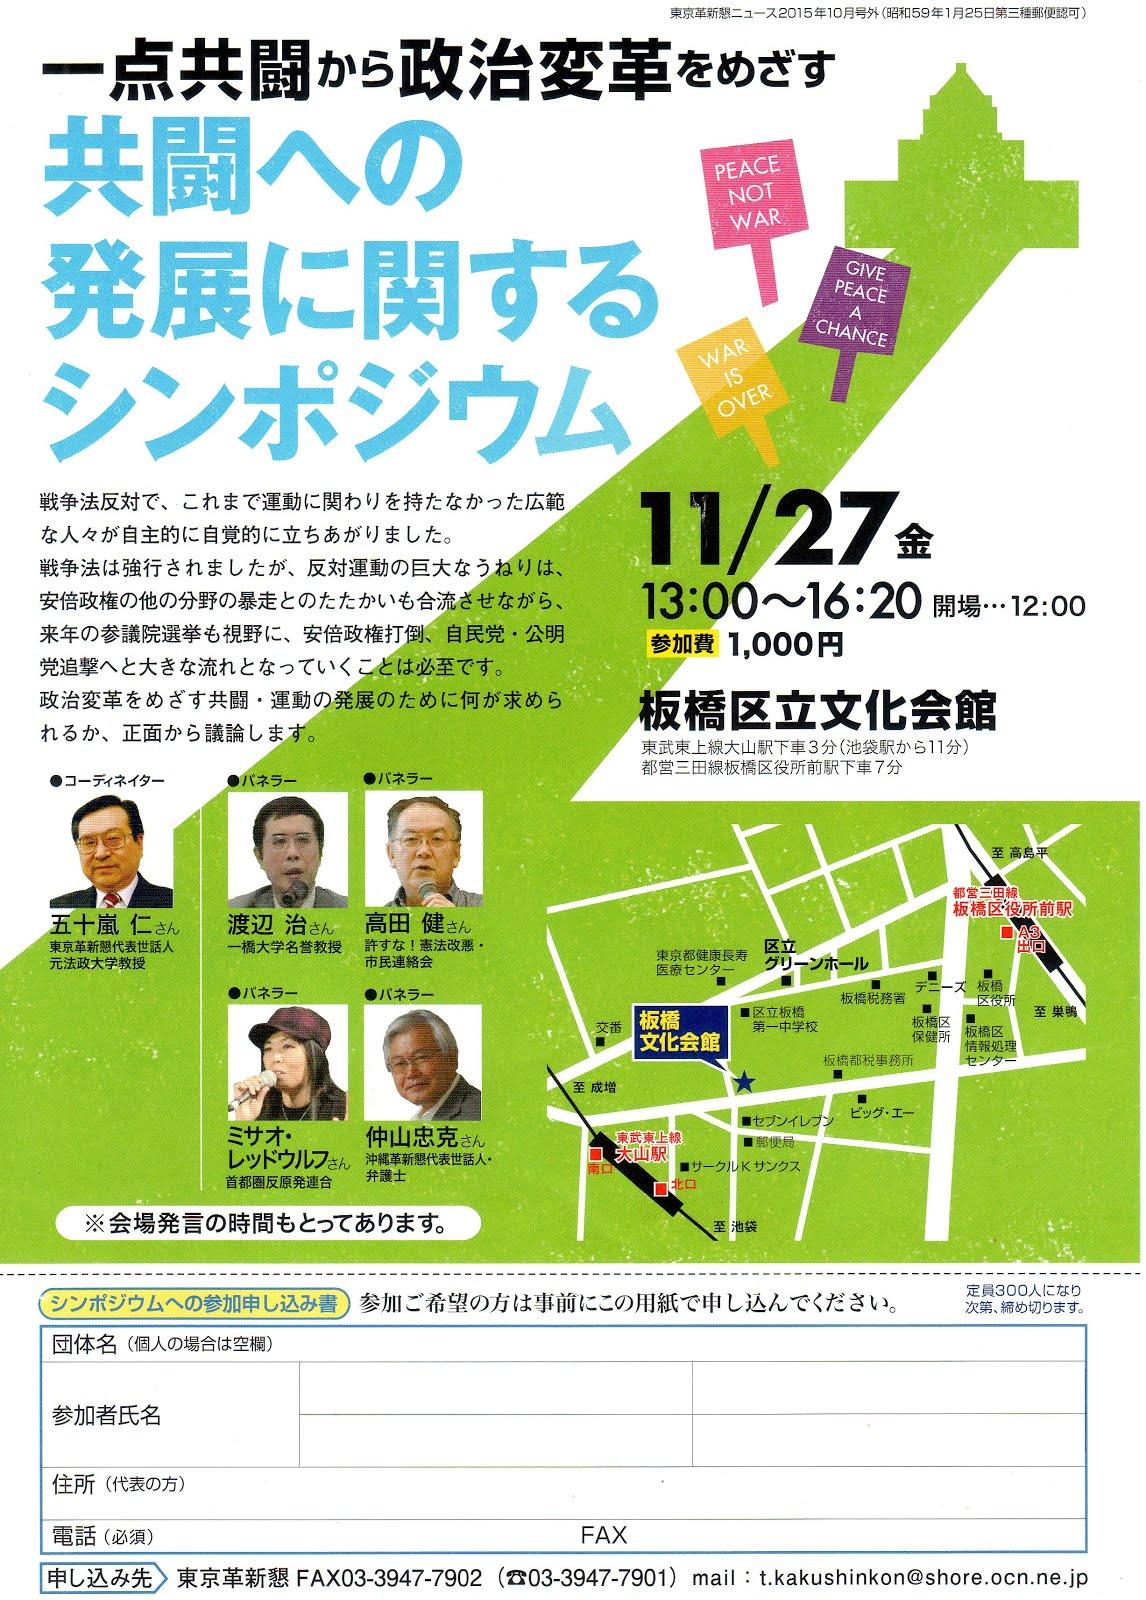 東京革新懇主催「野党共闘への発展に関するシンポジウム」にご参加ください!